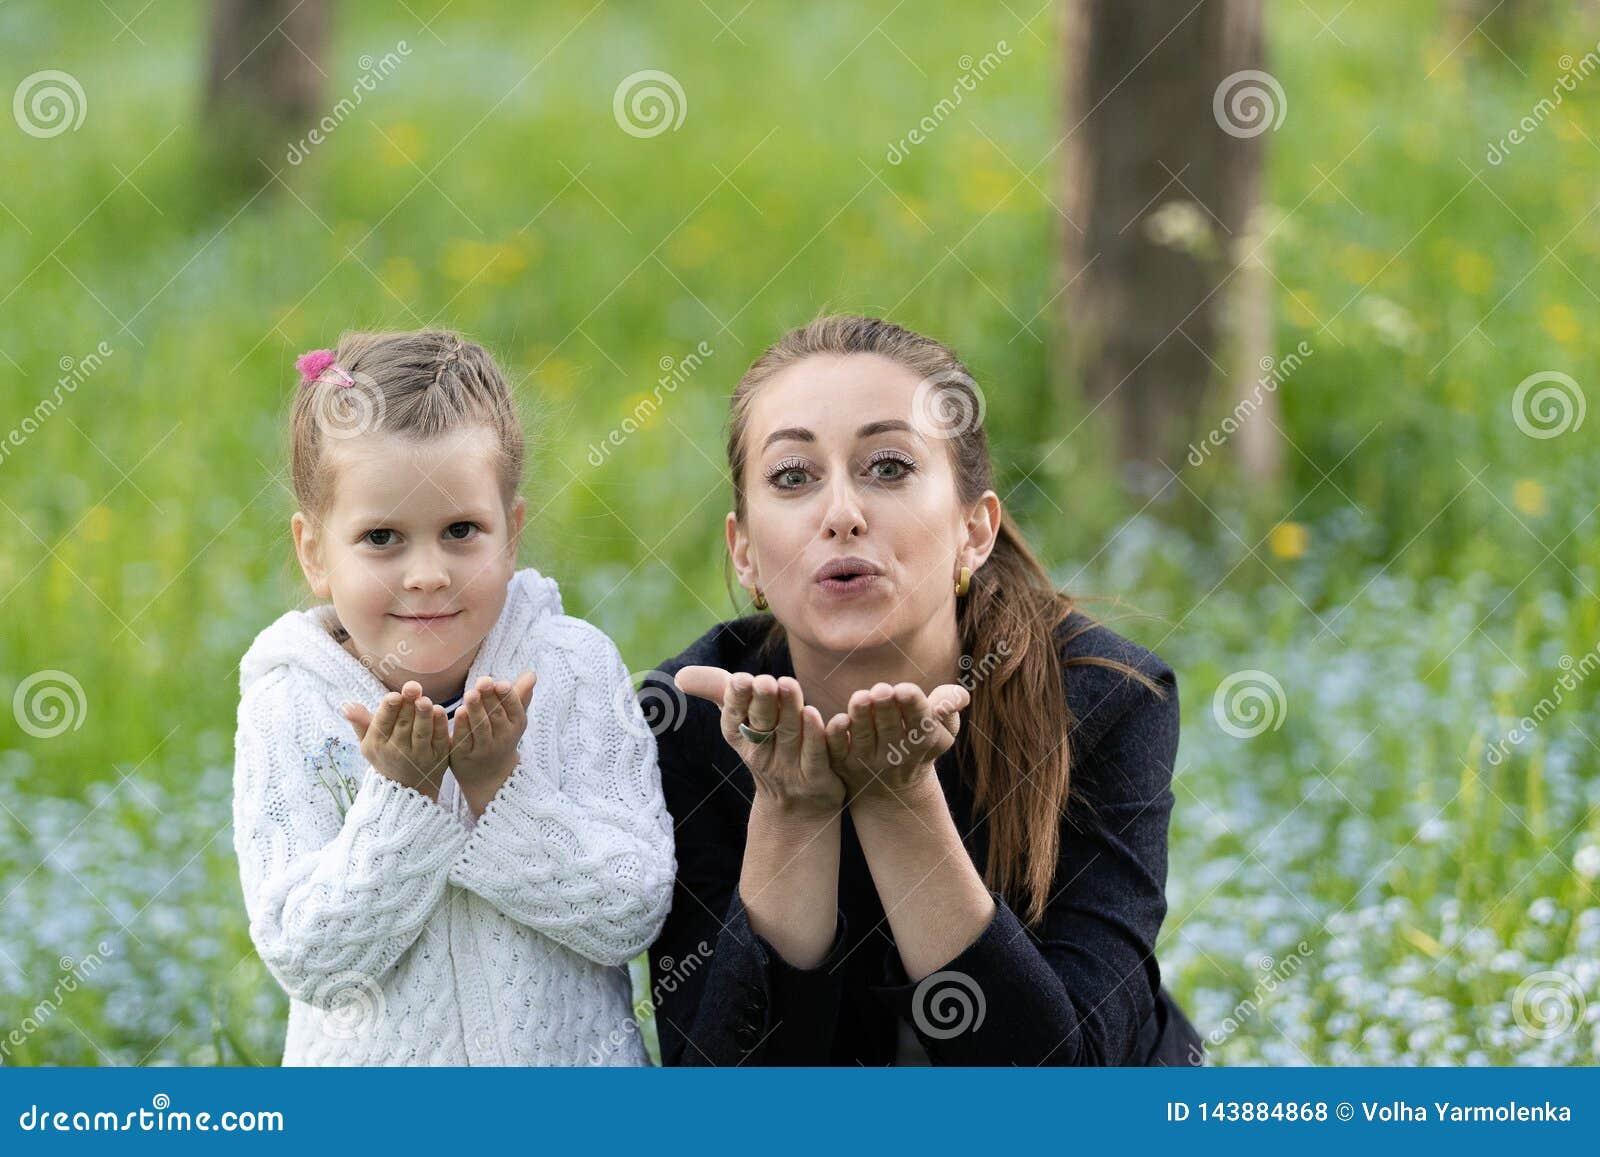 Мама и дочь отправляют поцелуй